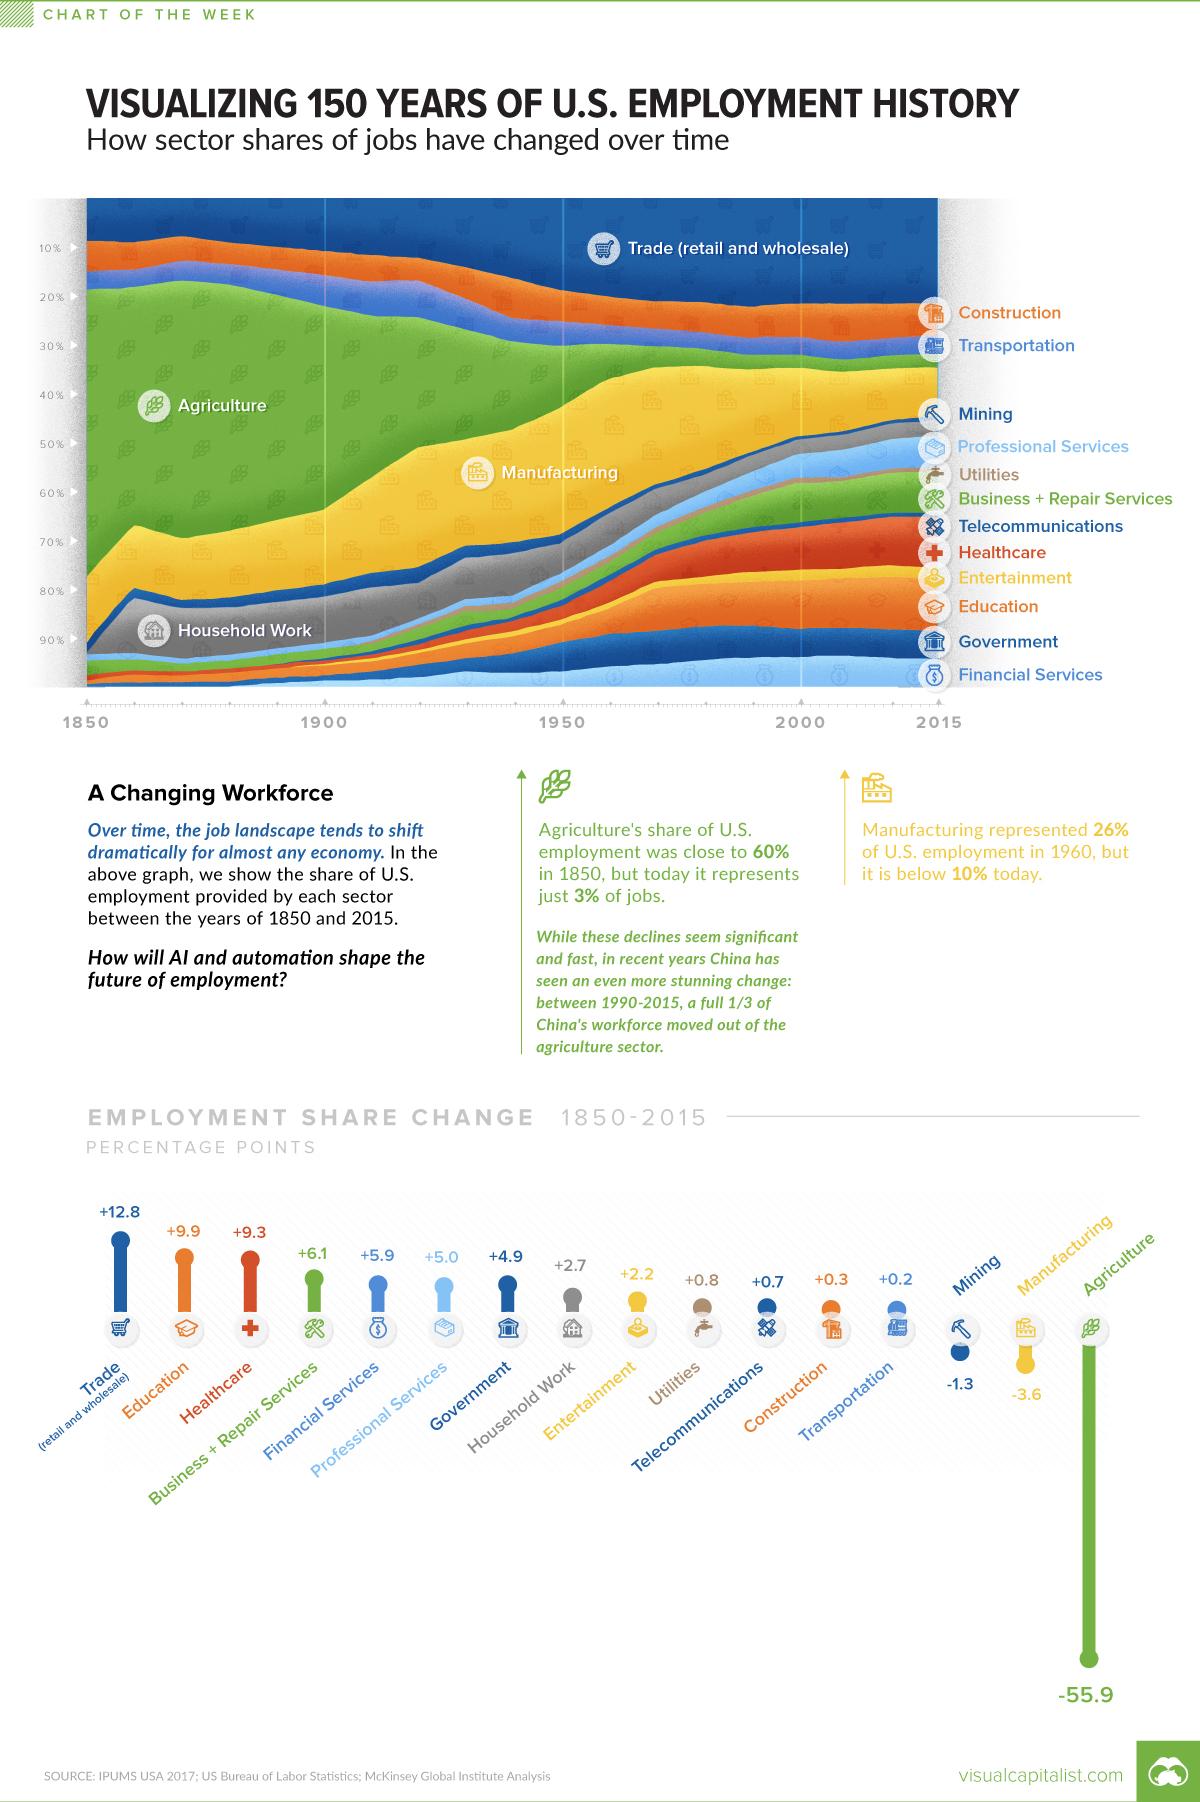 структура занятости в США за 150 лет